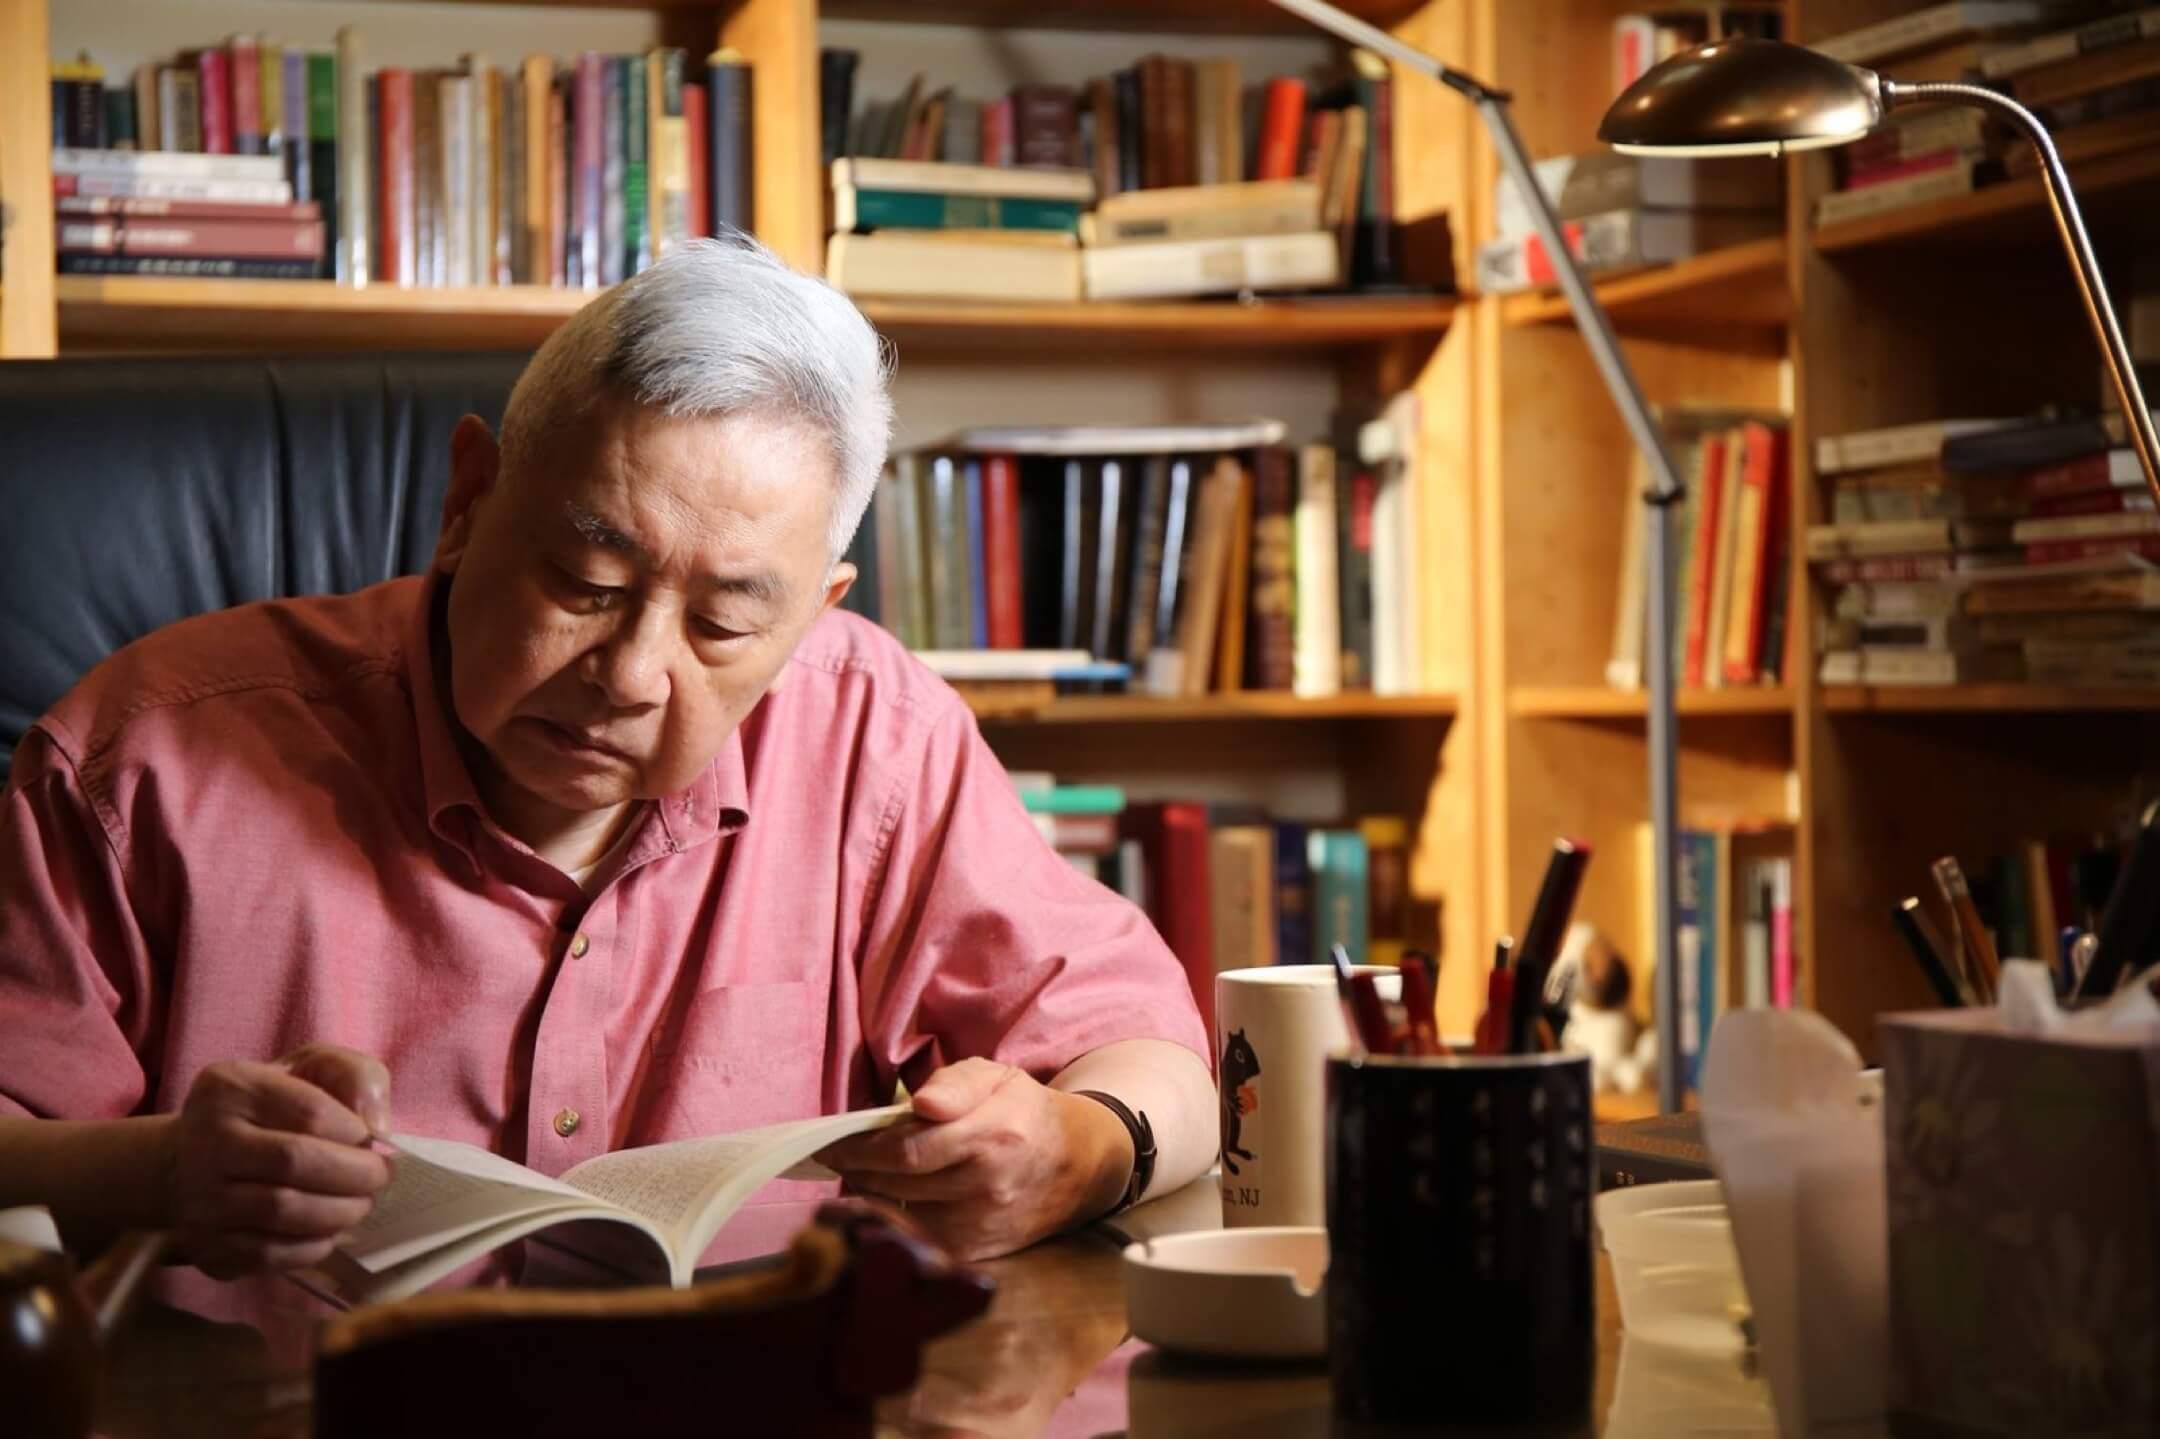 著名歷史學家余英時於8月1日在美國逝世,享年91歲。 圖:《唐獎》網頁